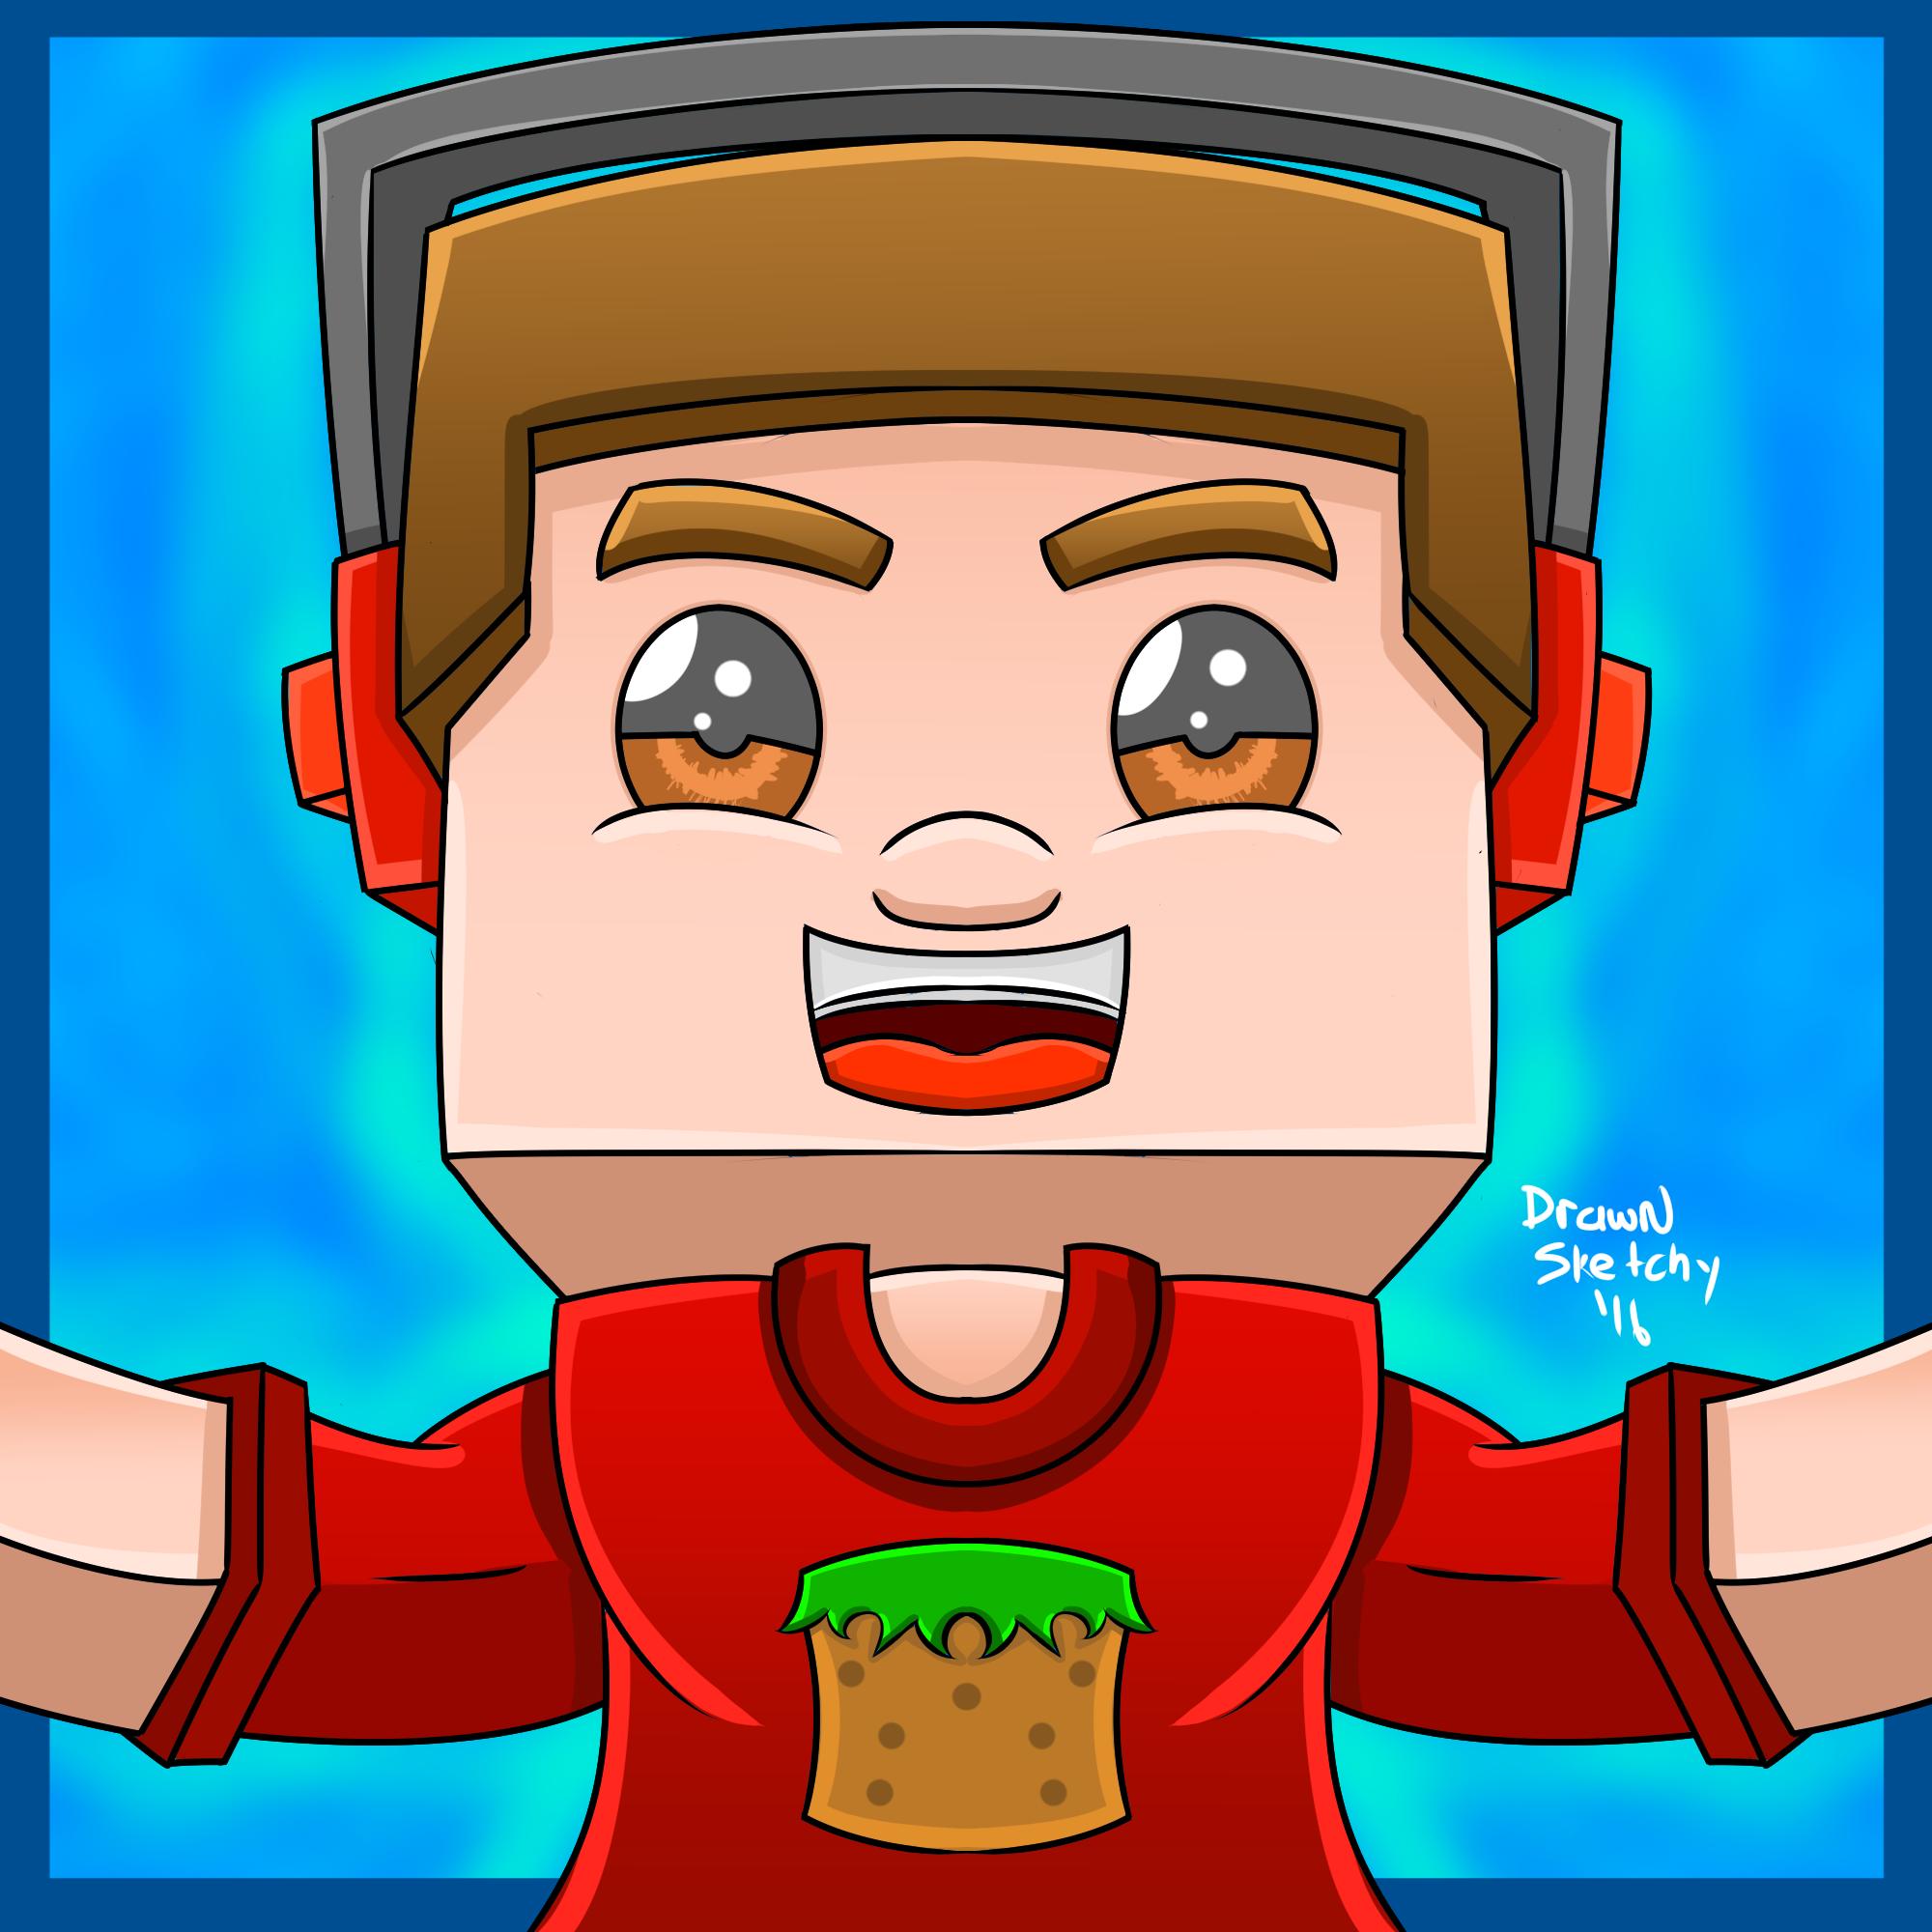 Drawn amd avatar Minecraft Flash DeviantArt by DrawnSketchy